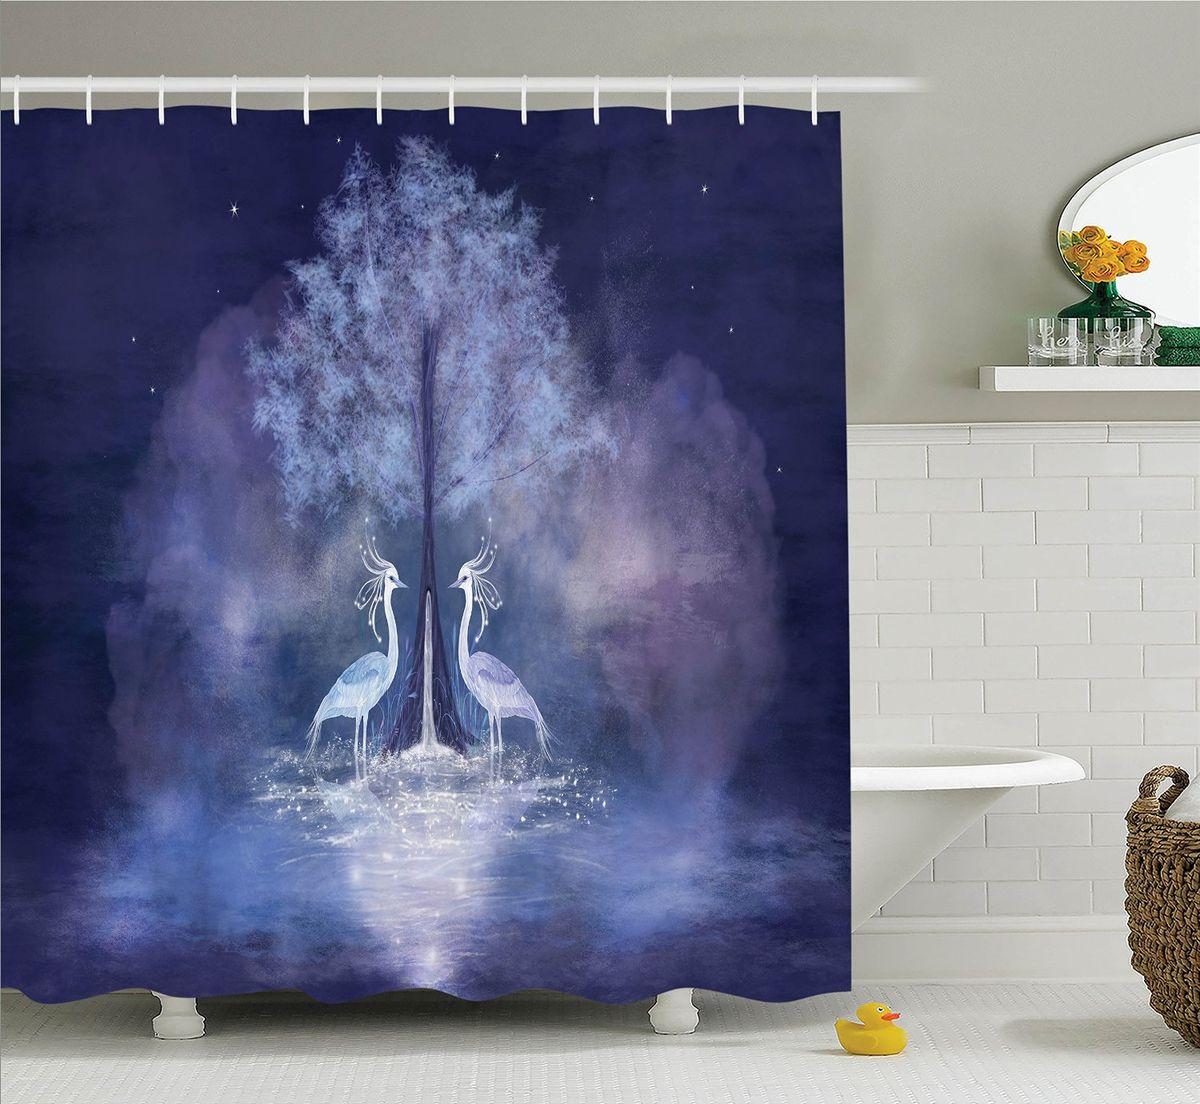 Штора для ванной комнаты Magic Lady Волшебные птицы, 180 х 200 смшв_12382Штора Magic Lady Волшебные птицы, изготовленная из высококачественного сатена (полиэстер 100%), отлично дополнит любой интерьер ванной комнаты. При изготовлении используются специальные гипоаллергенные чернила для прямой печати по ткани, безопасные для человека.В комплекте: 1 штора, 12 крючков. Обращаем ваше внимание, фактический цвет изделия может незначительно отличаться от представленного на фото.